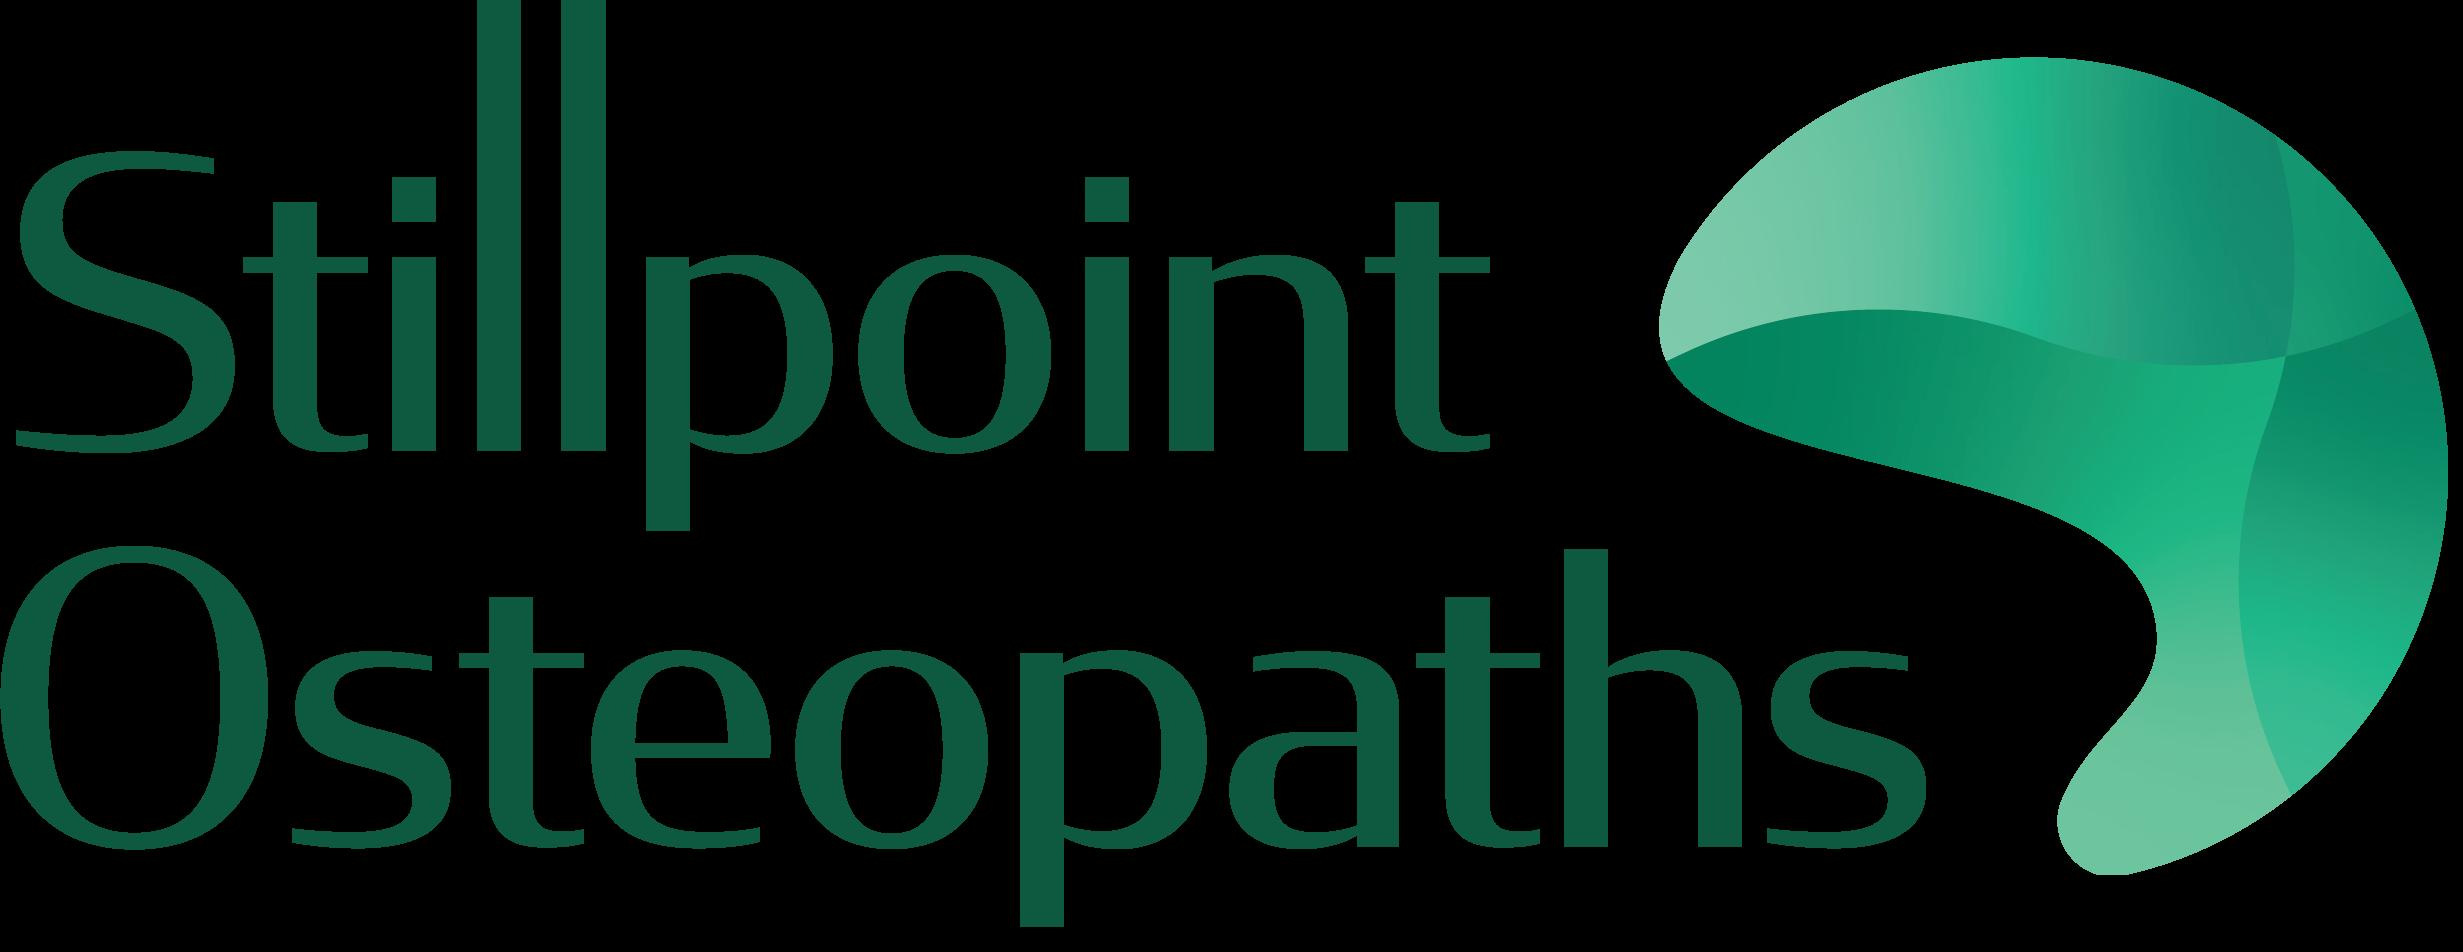 Stillpoint Osteopaths